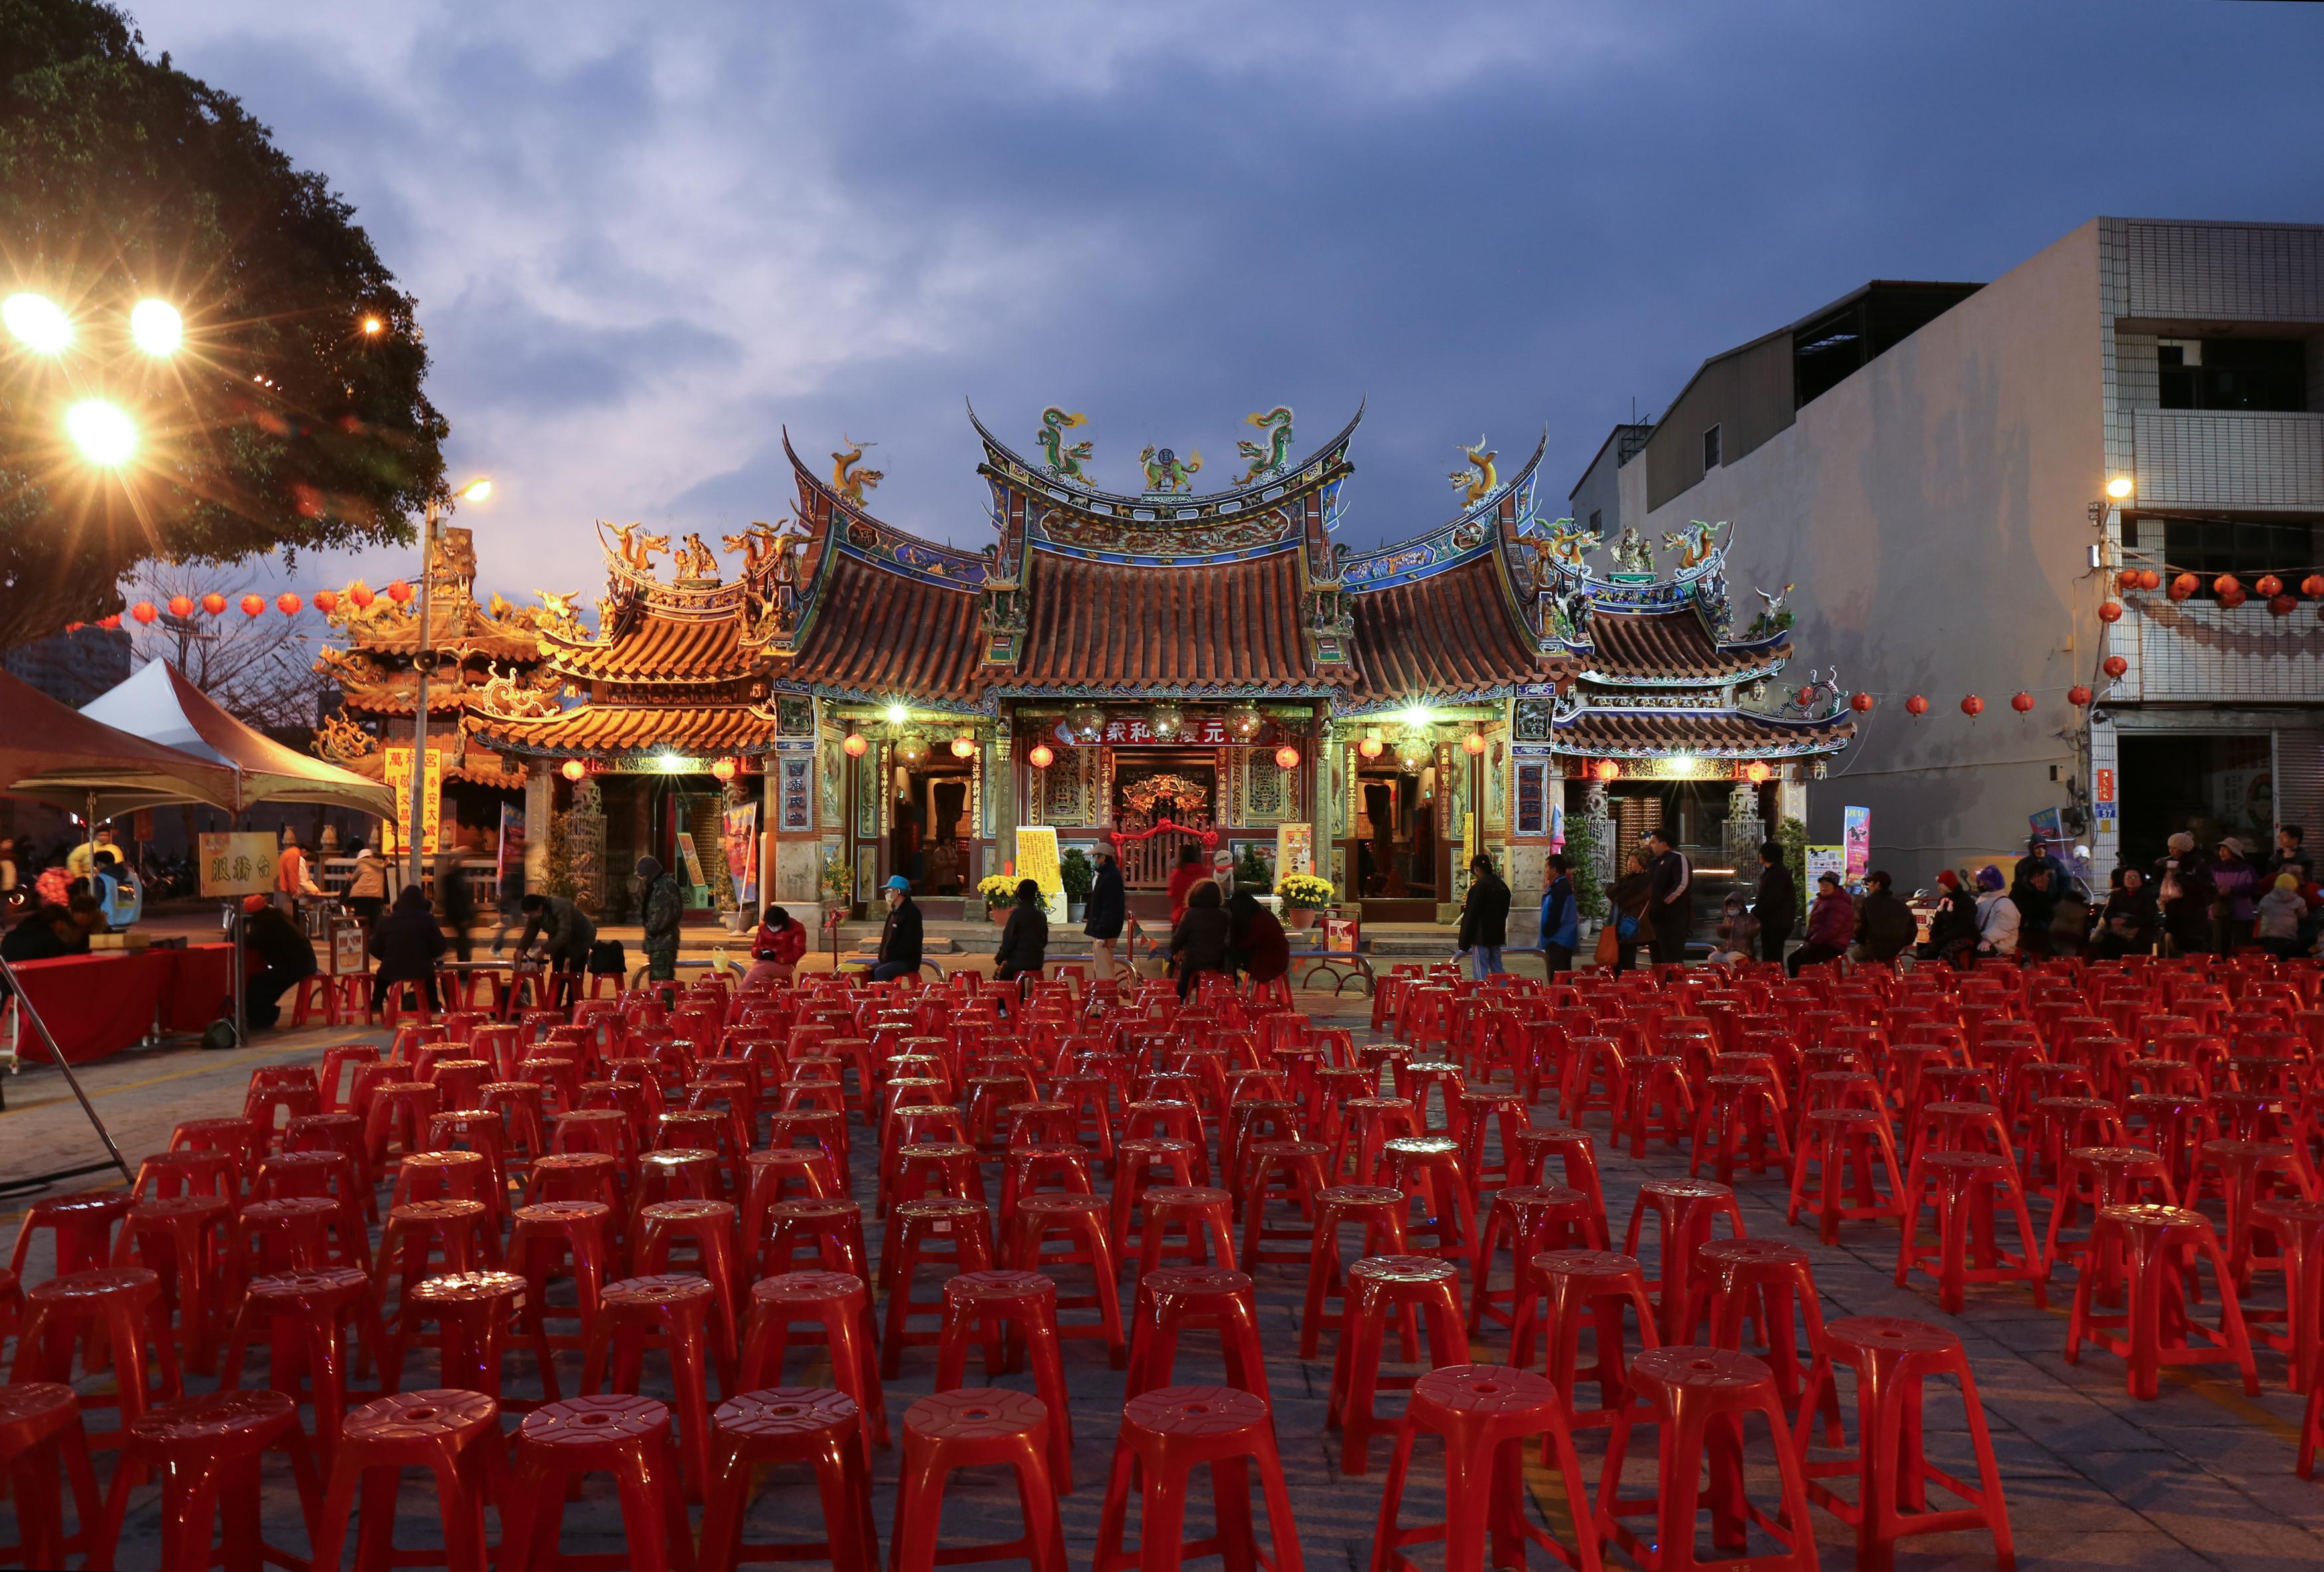 台中媽祖國際觀光文化節在萬和宮,台中婚錄推薦1